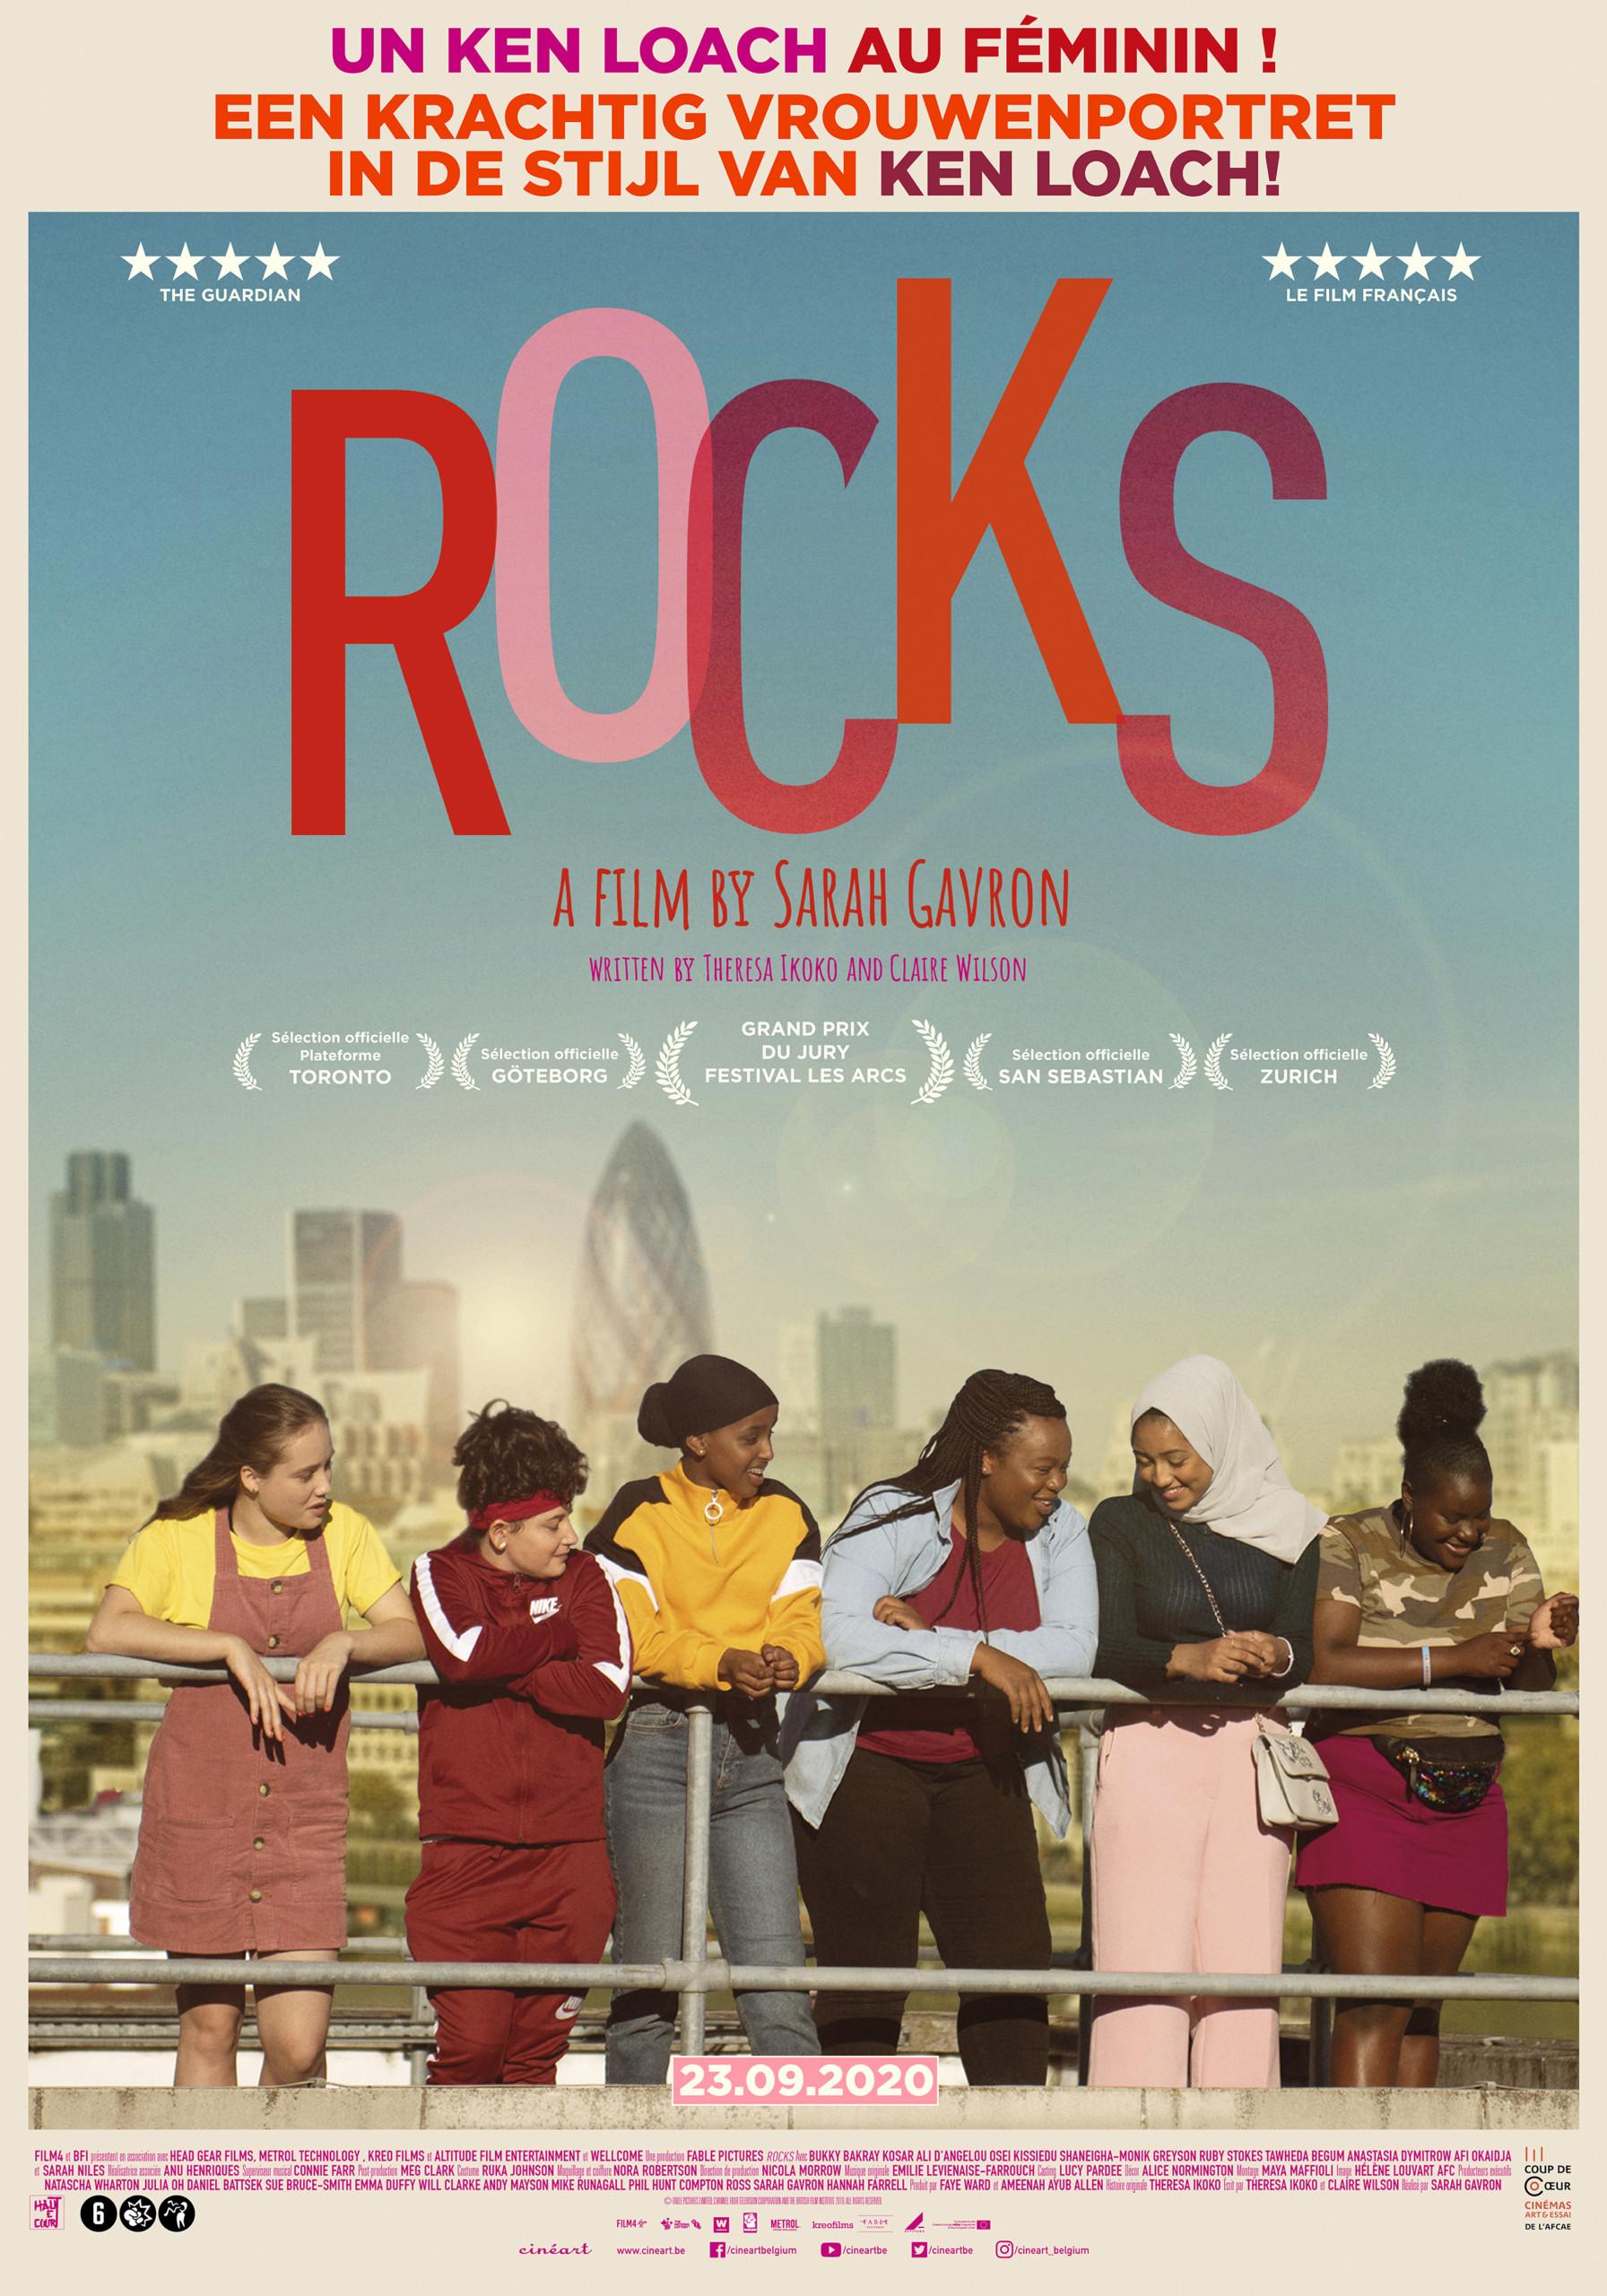 Rocks Amitié, impétuosité, jovialité